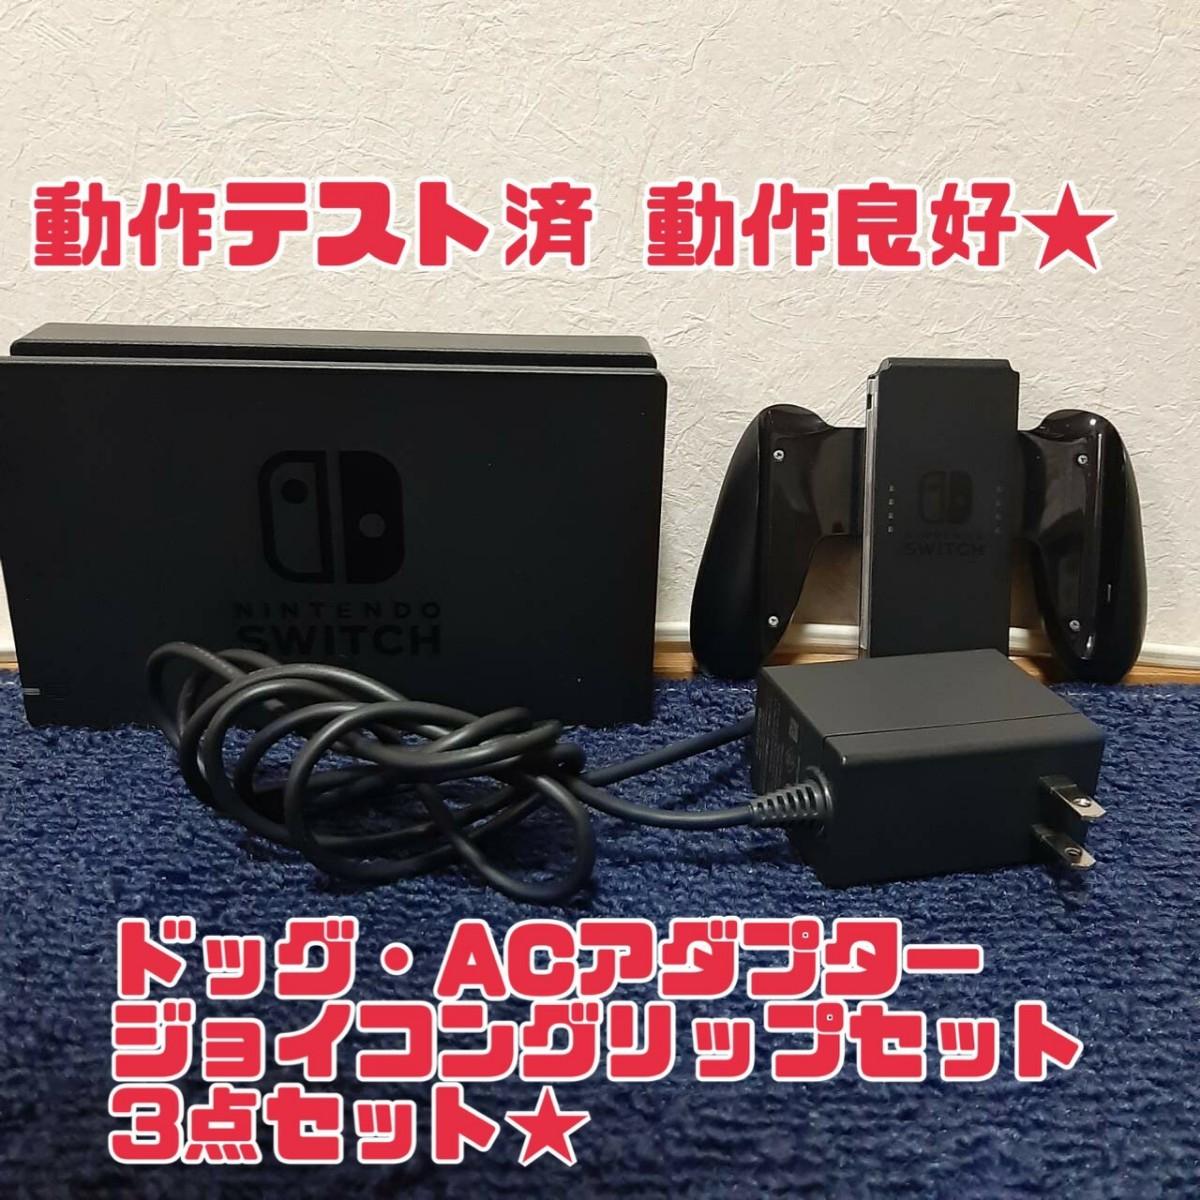 Nintendo Switch 任天堂スイッチ  スイッチドック ACアダプター ジョイコングリップ 電源コード